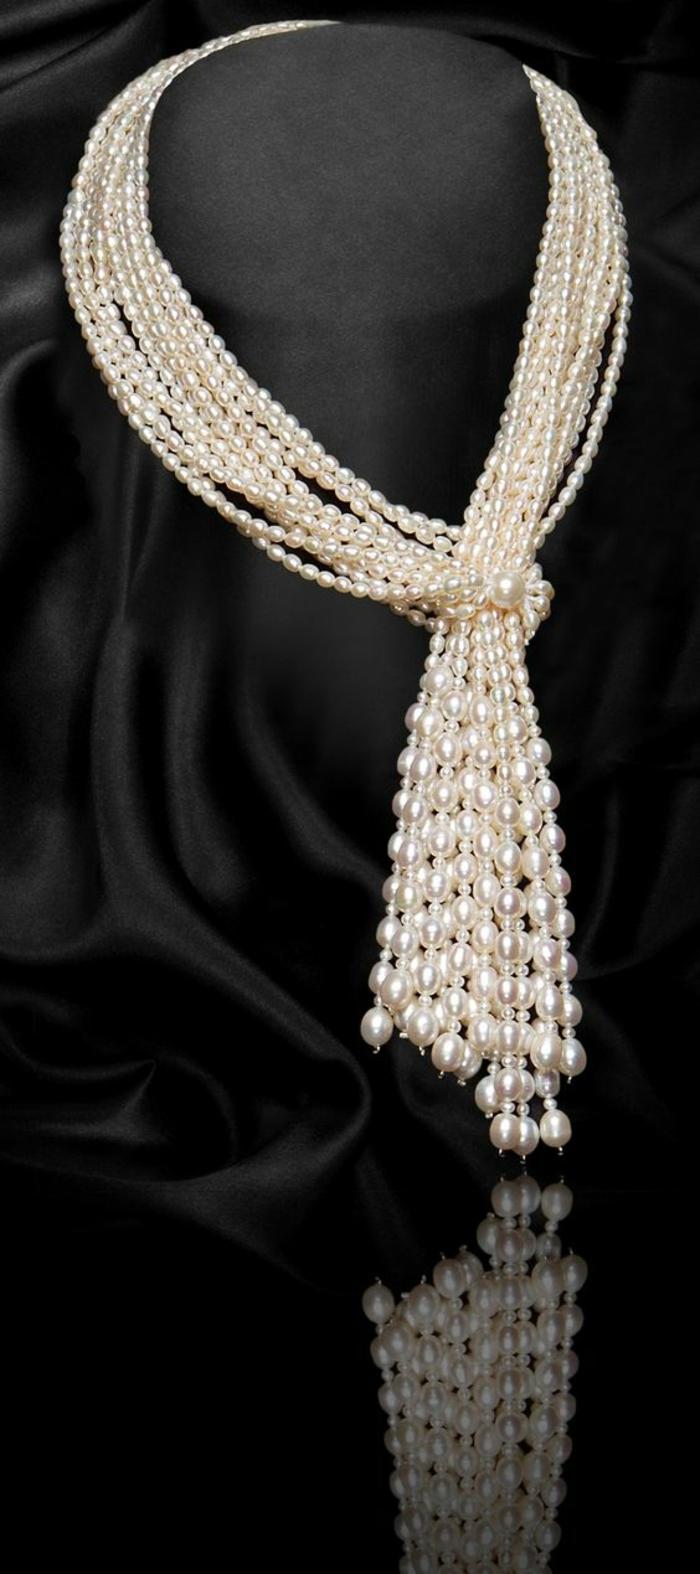 collier de perle massif nuances beiges pour faire une grande impression